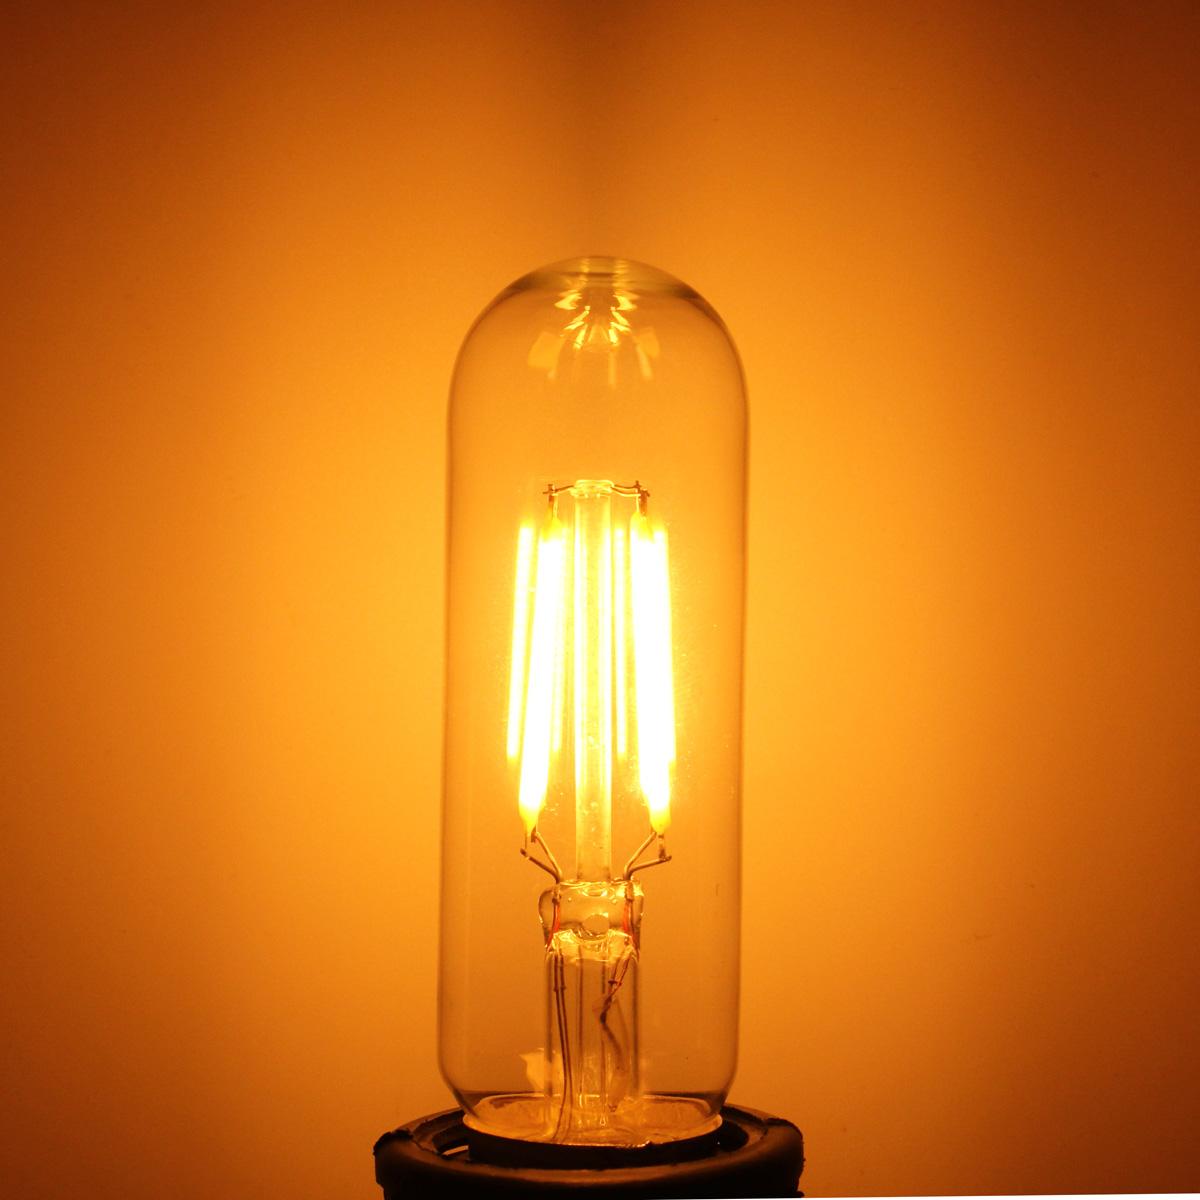 27 E26 T10 128 4W 400Lumen Energy Saving COB LED Edison